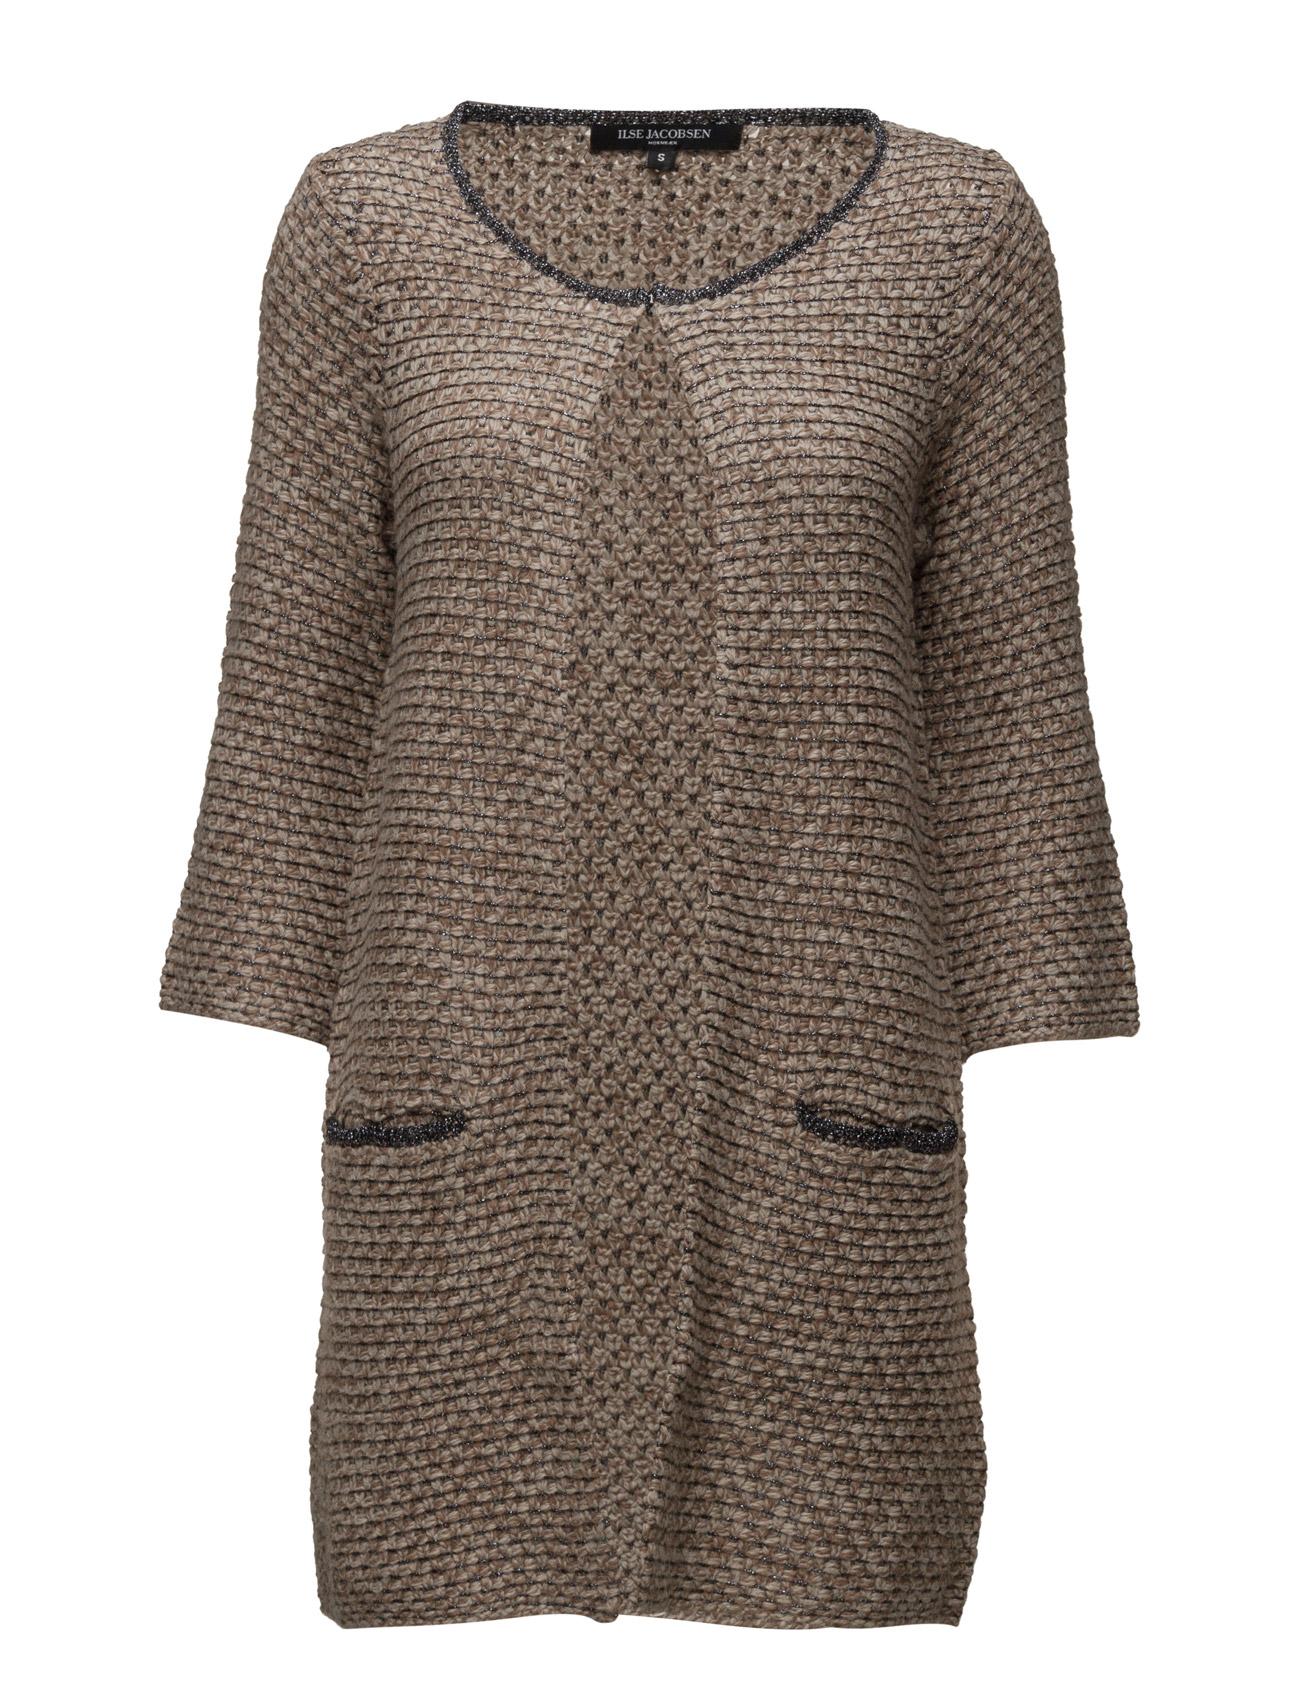 Womens Long Knit Cardigan Ilse Jacobsen Cardigans til Damer i Atmosfære